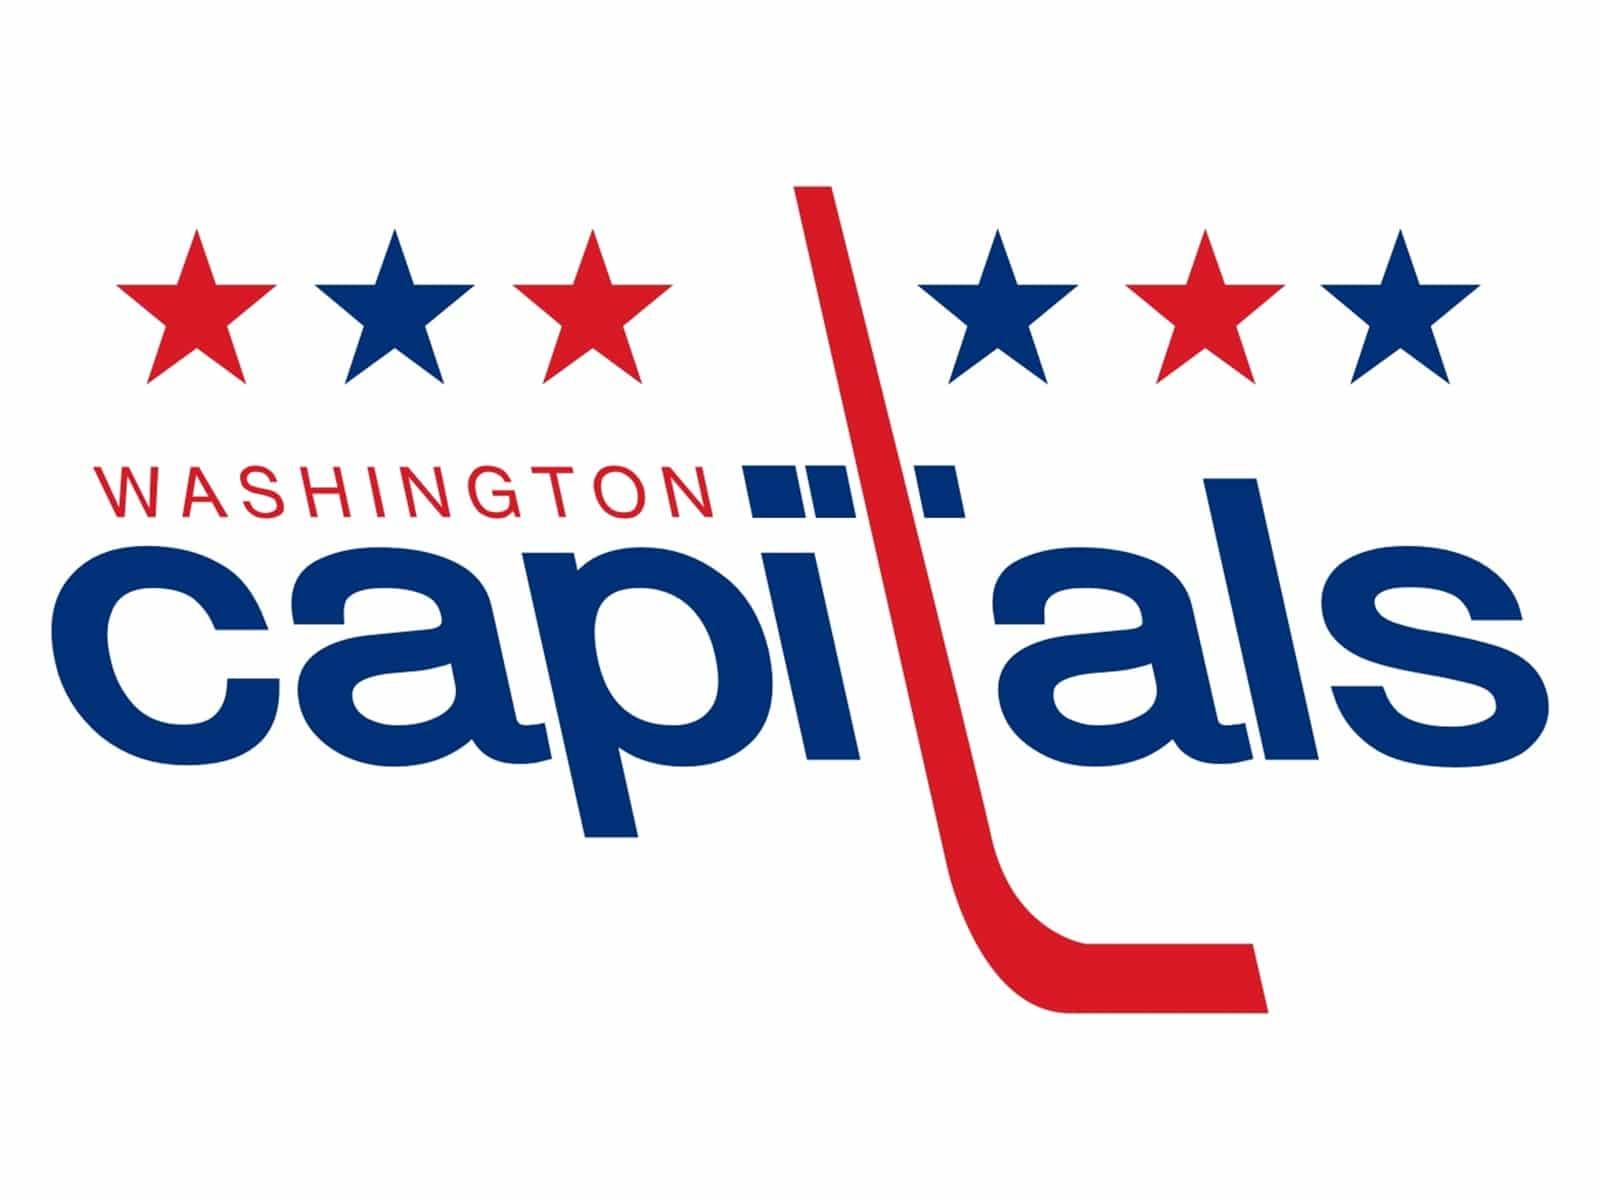 Washington Capital's Hockey